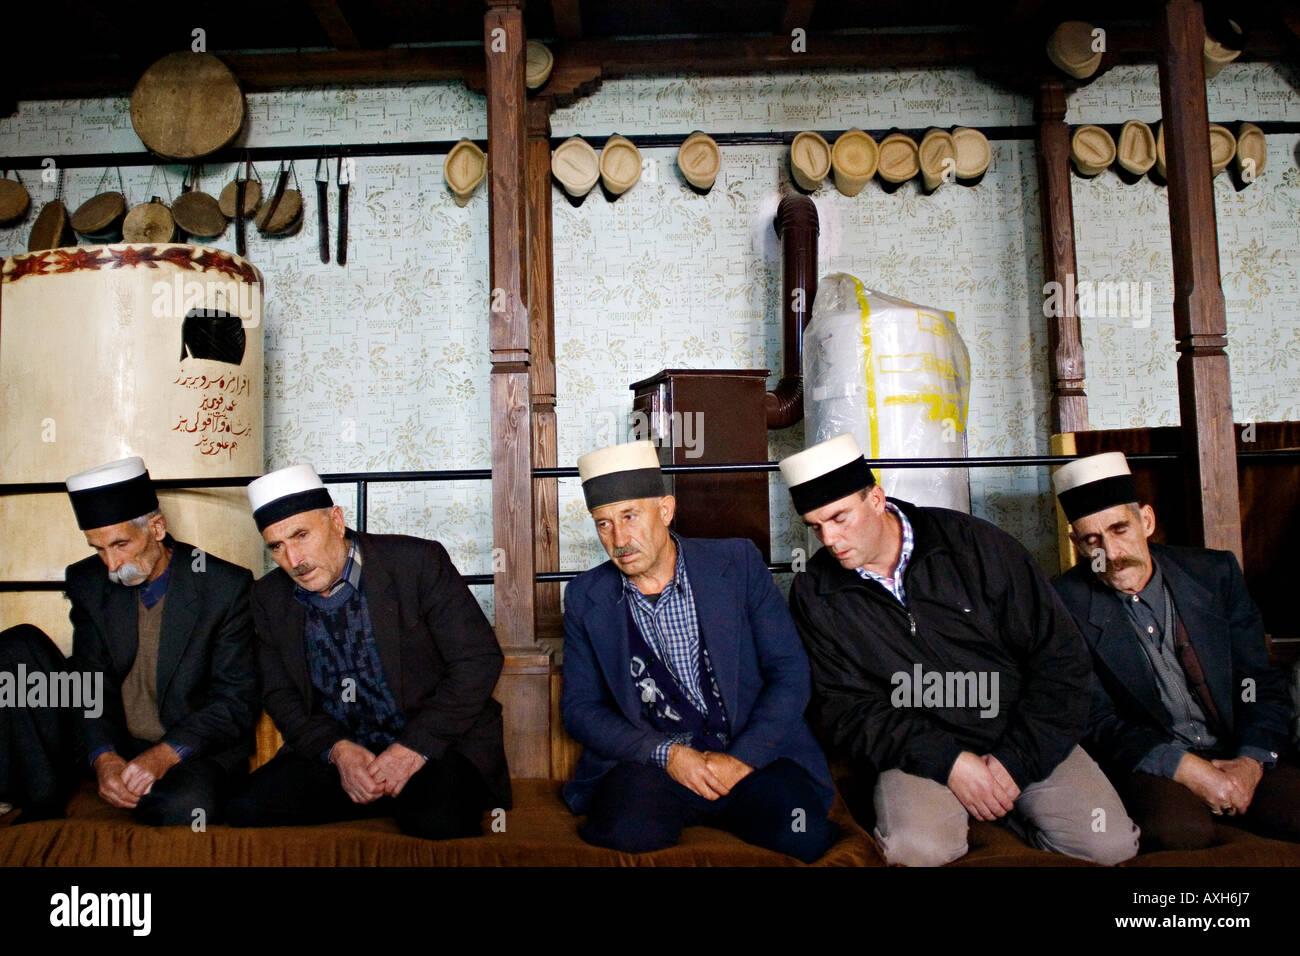 Religious ceremony in Rifai dervish lodge in Prizren Kosovo - Stock Image